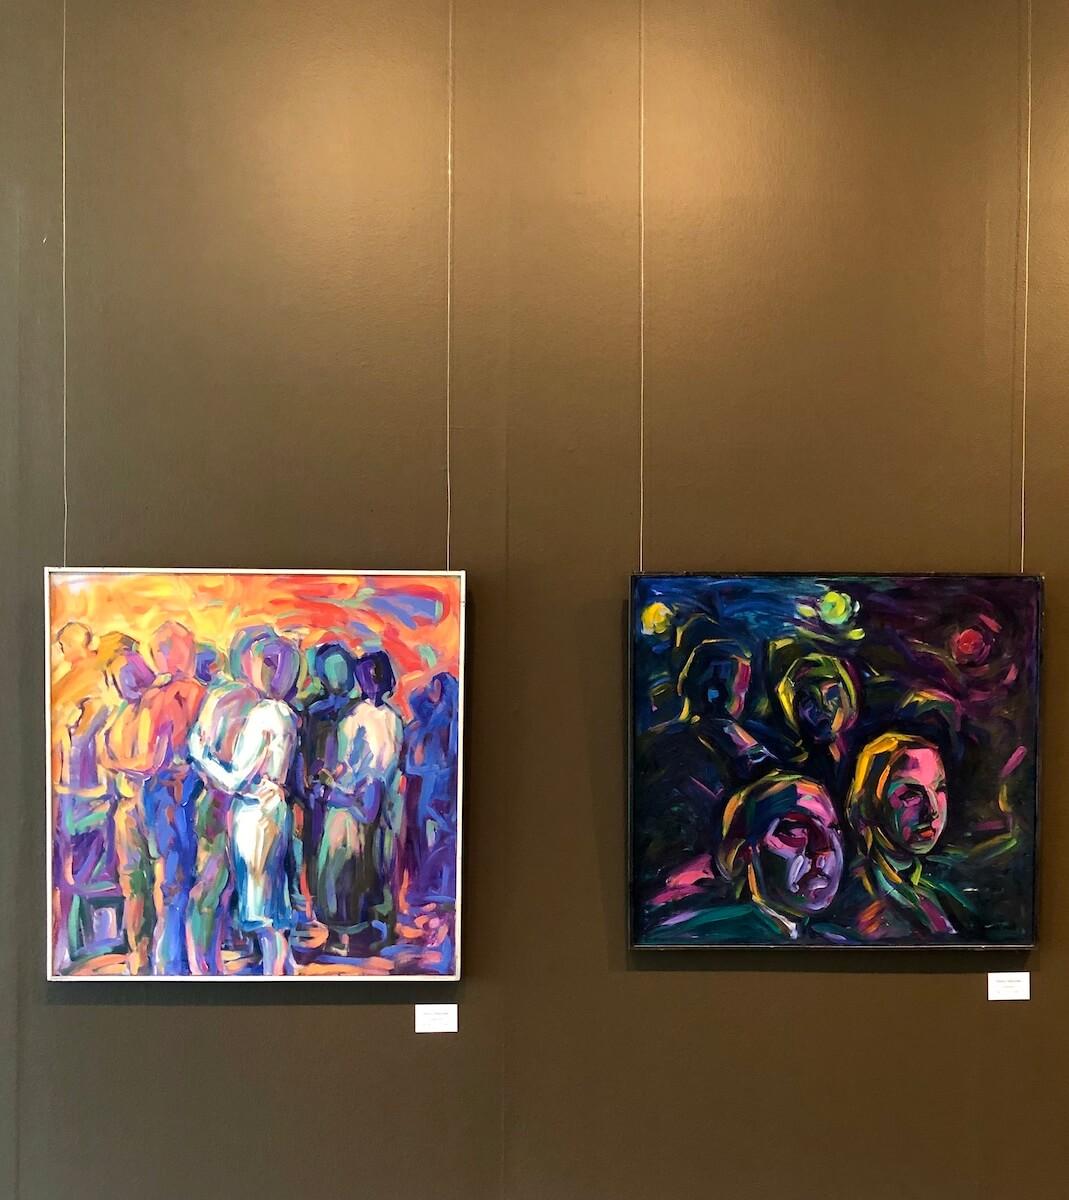 Kuvassa näkyy kaksi Hannu Nikanderin öljyvärimaalausta, joissa on värikkäitä hahmoja. Vasemman reunimmaisessa öljyvärimaalauksessa hahmot näyttävät tanssivan. Oikean reunimmaisessa maalauksessa hahmot ovat teoksen nimen mukaisesti ikäänkuin katsomossa.